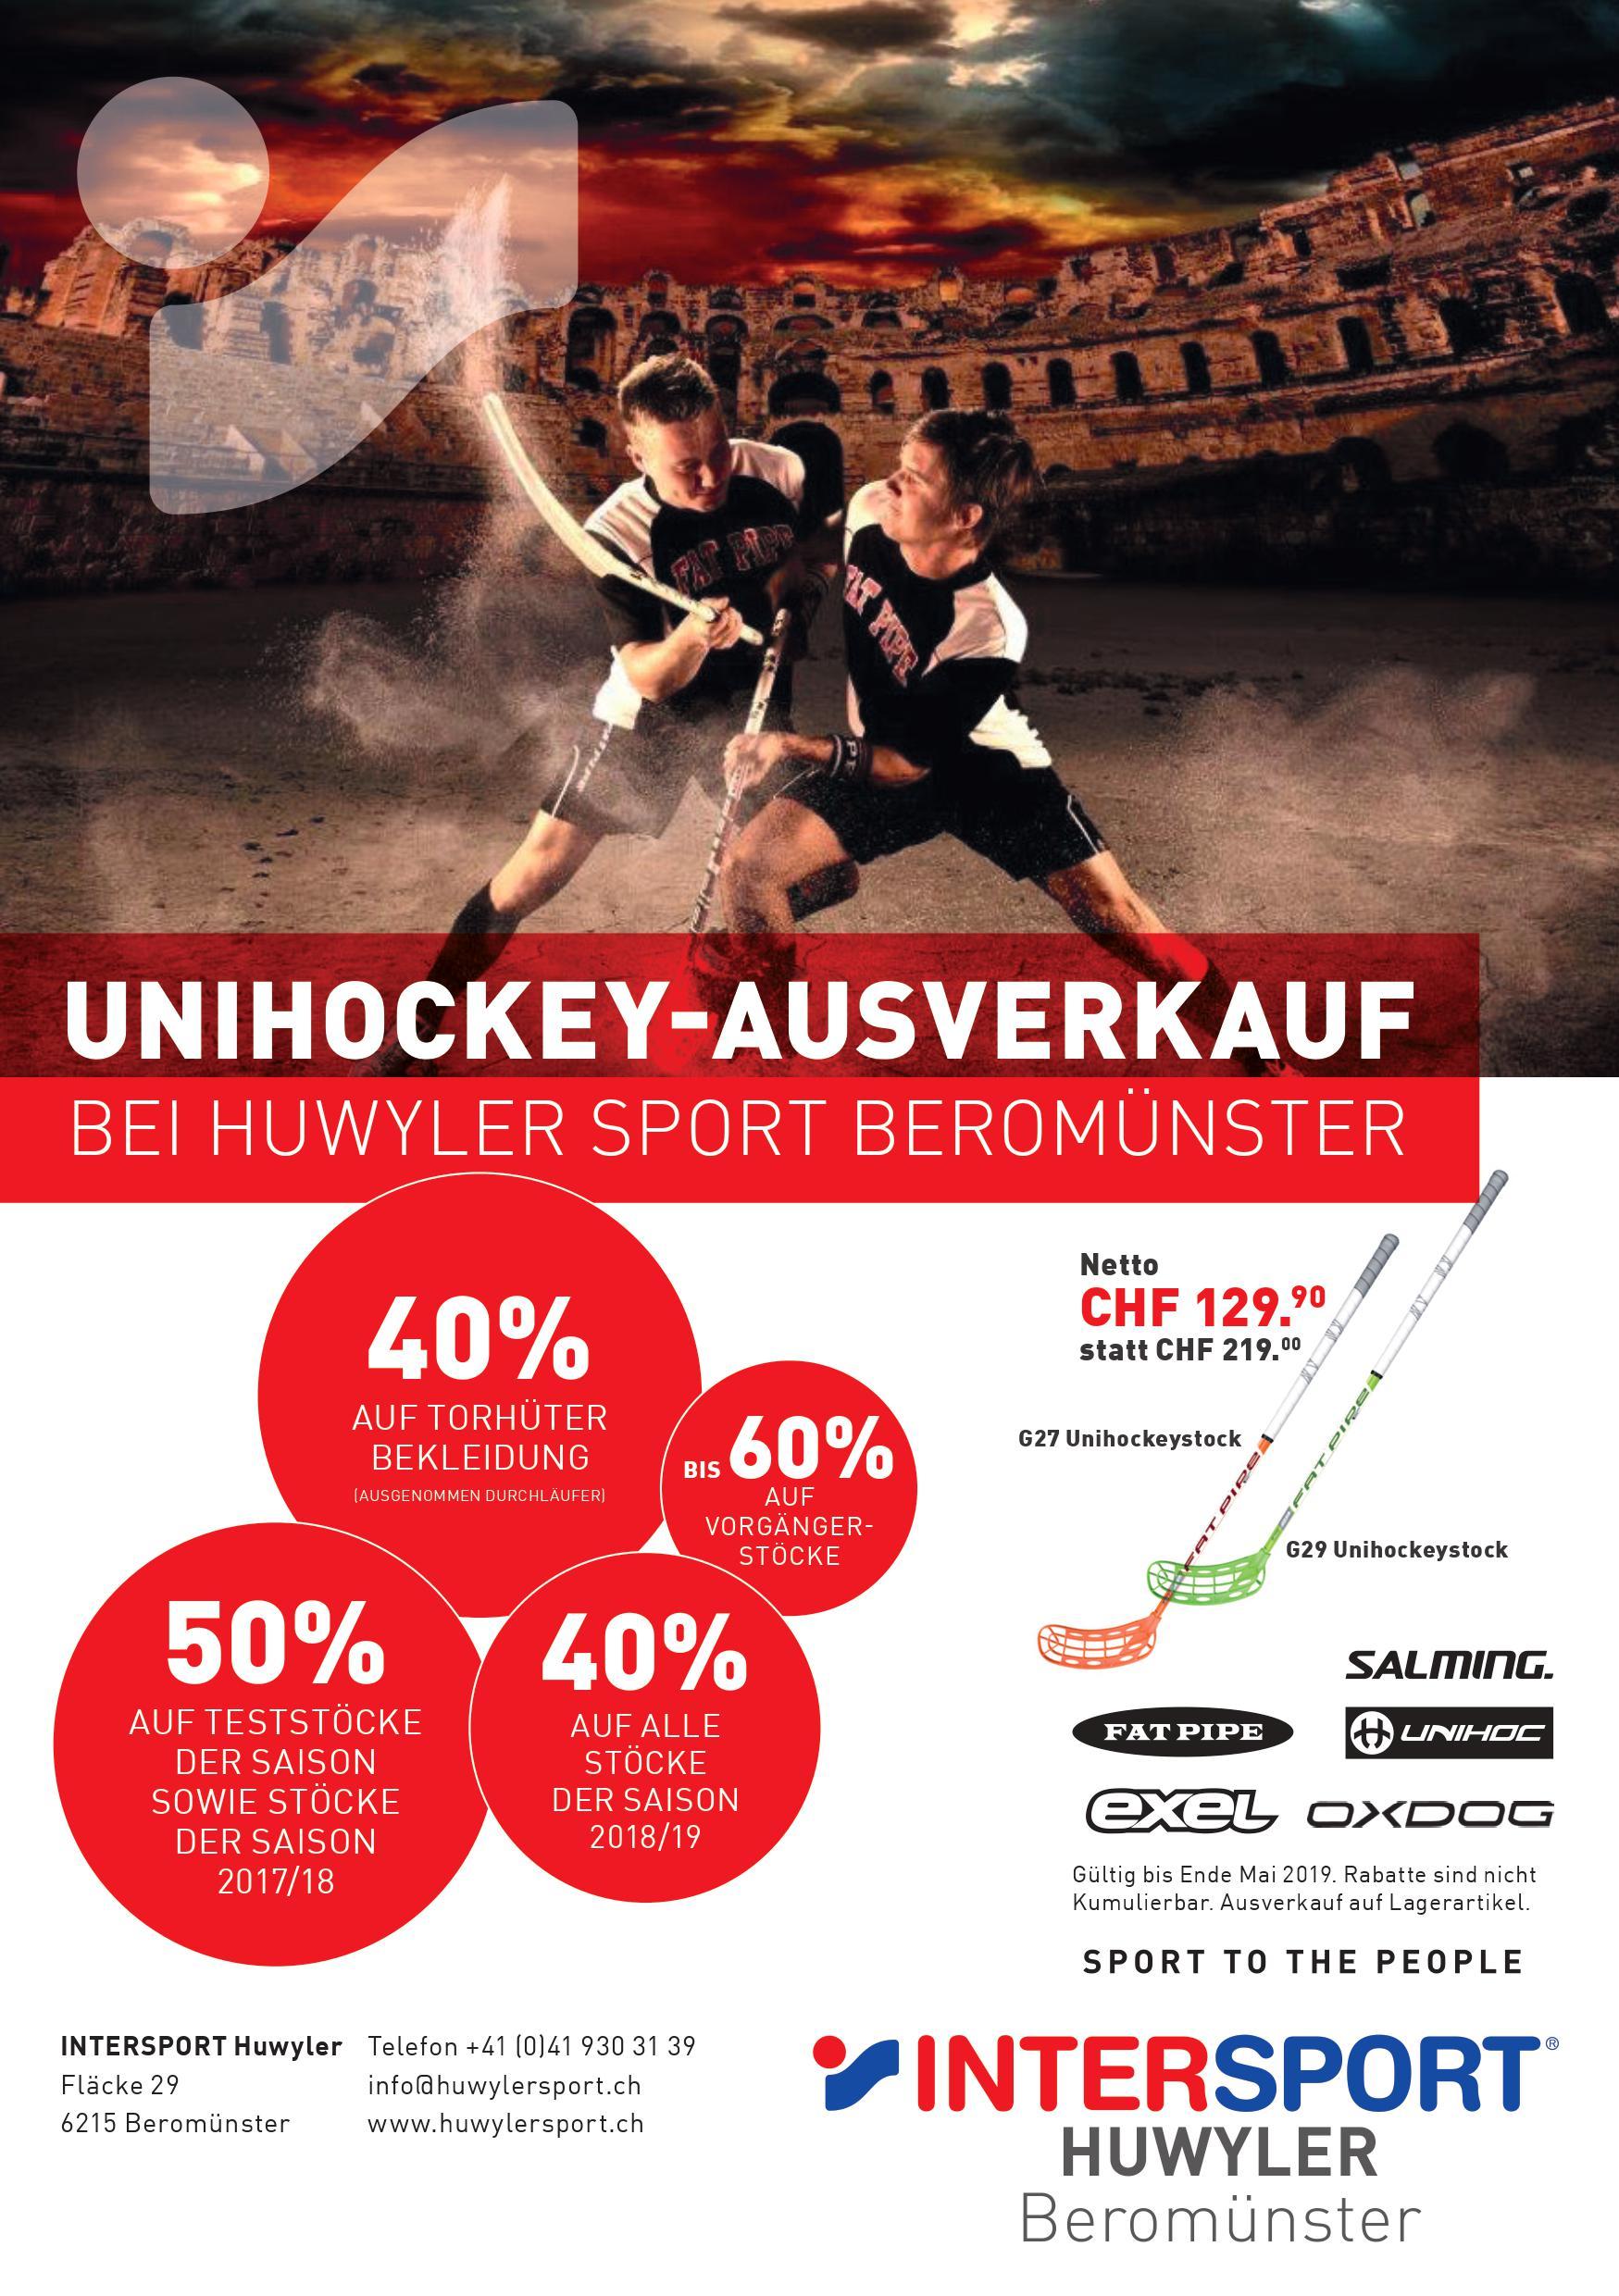 Unihockey-Ausverkauf mit bis 50% Rabatt